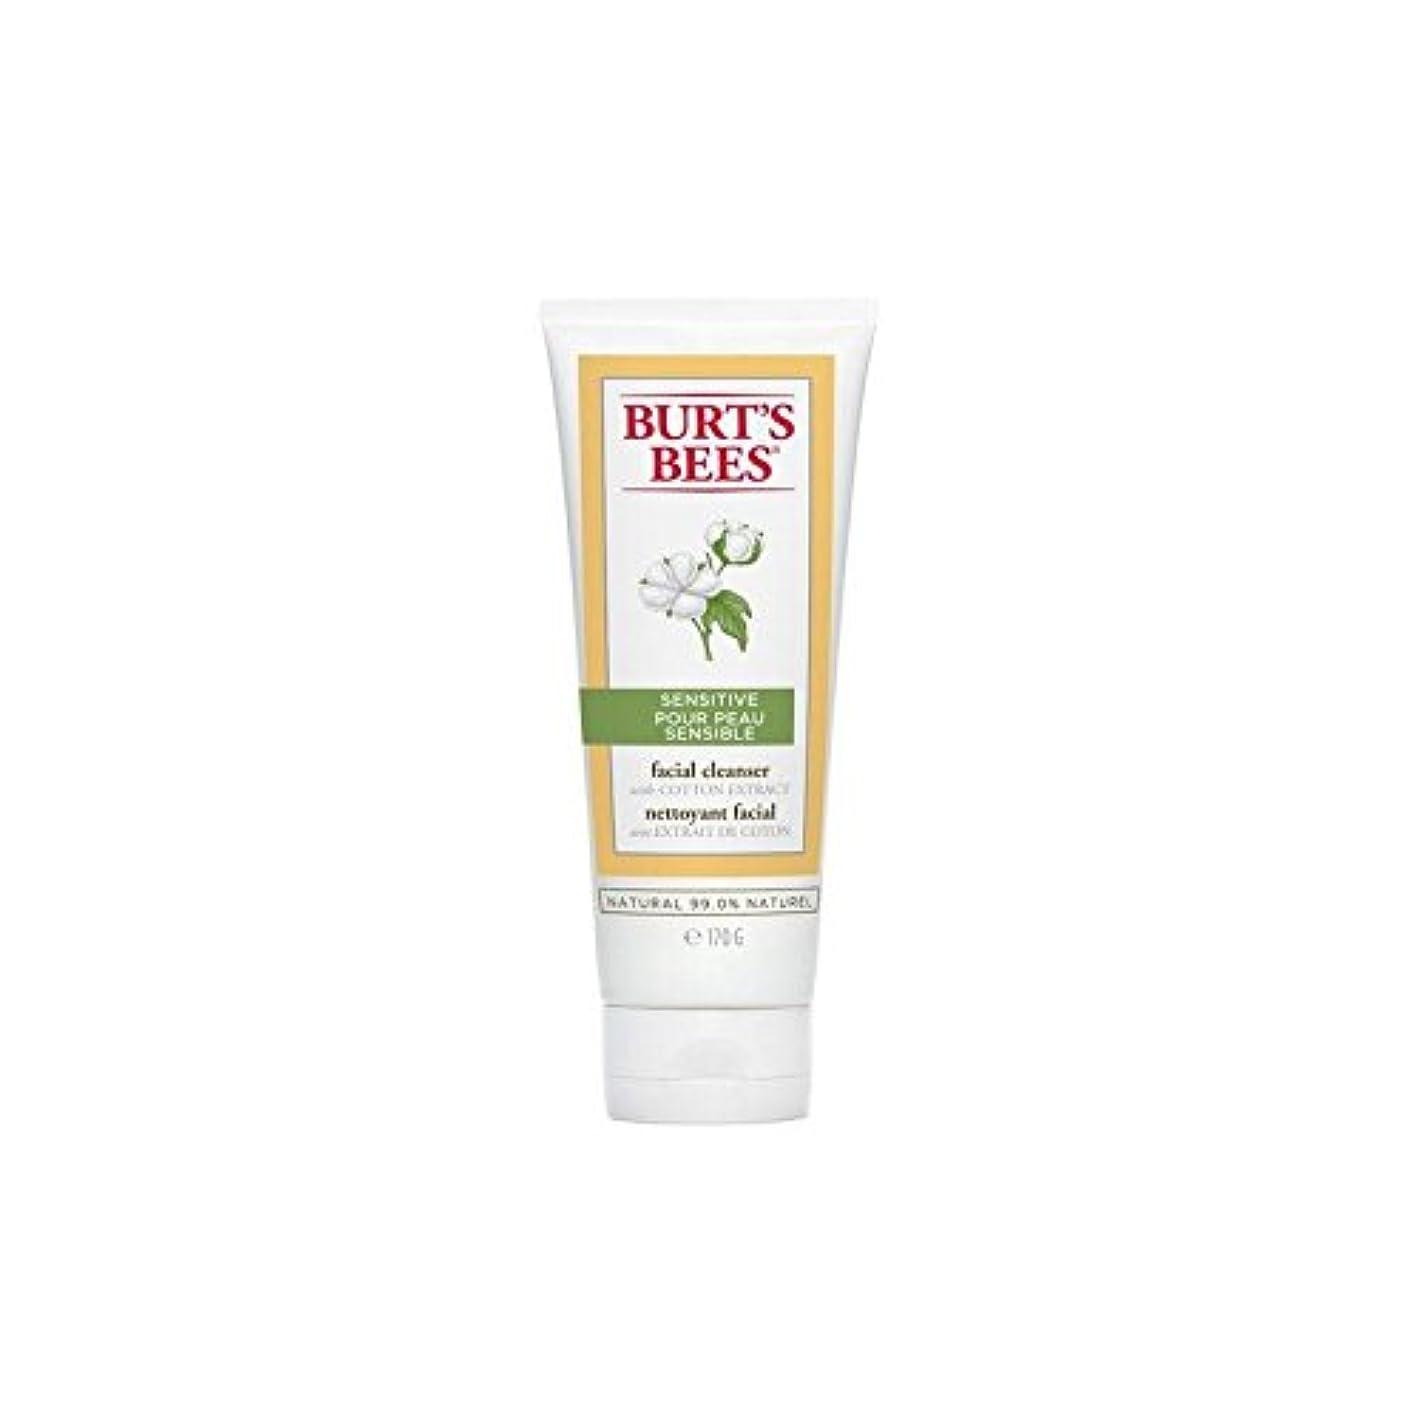 と闘うシニスであることバーツビー敏感な洗顔料の170グラム x2 - Burt's Bees Sensitive Facial Cleanser 170G (Pack of 2) [並行輸入品]